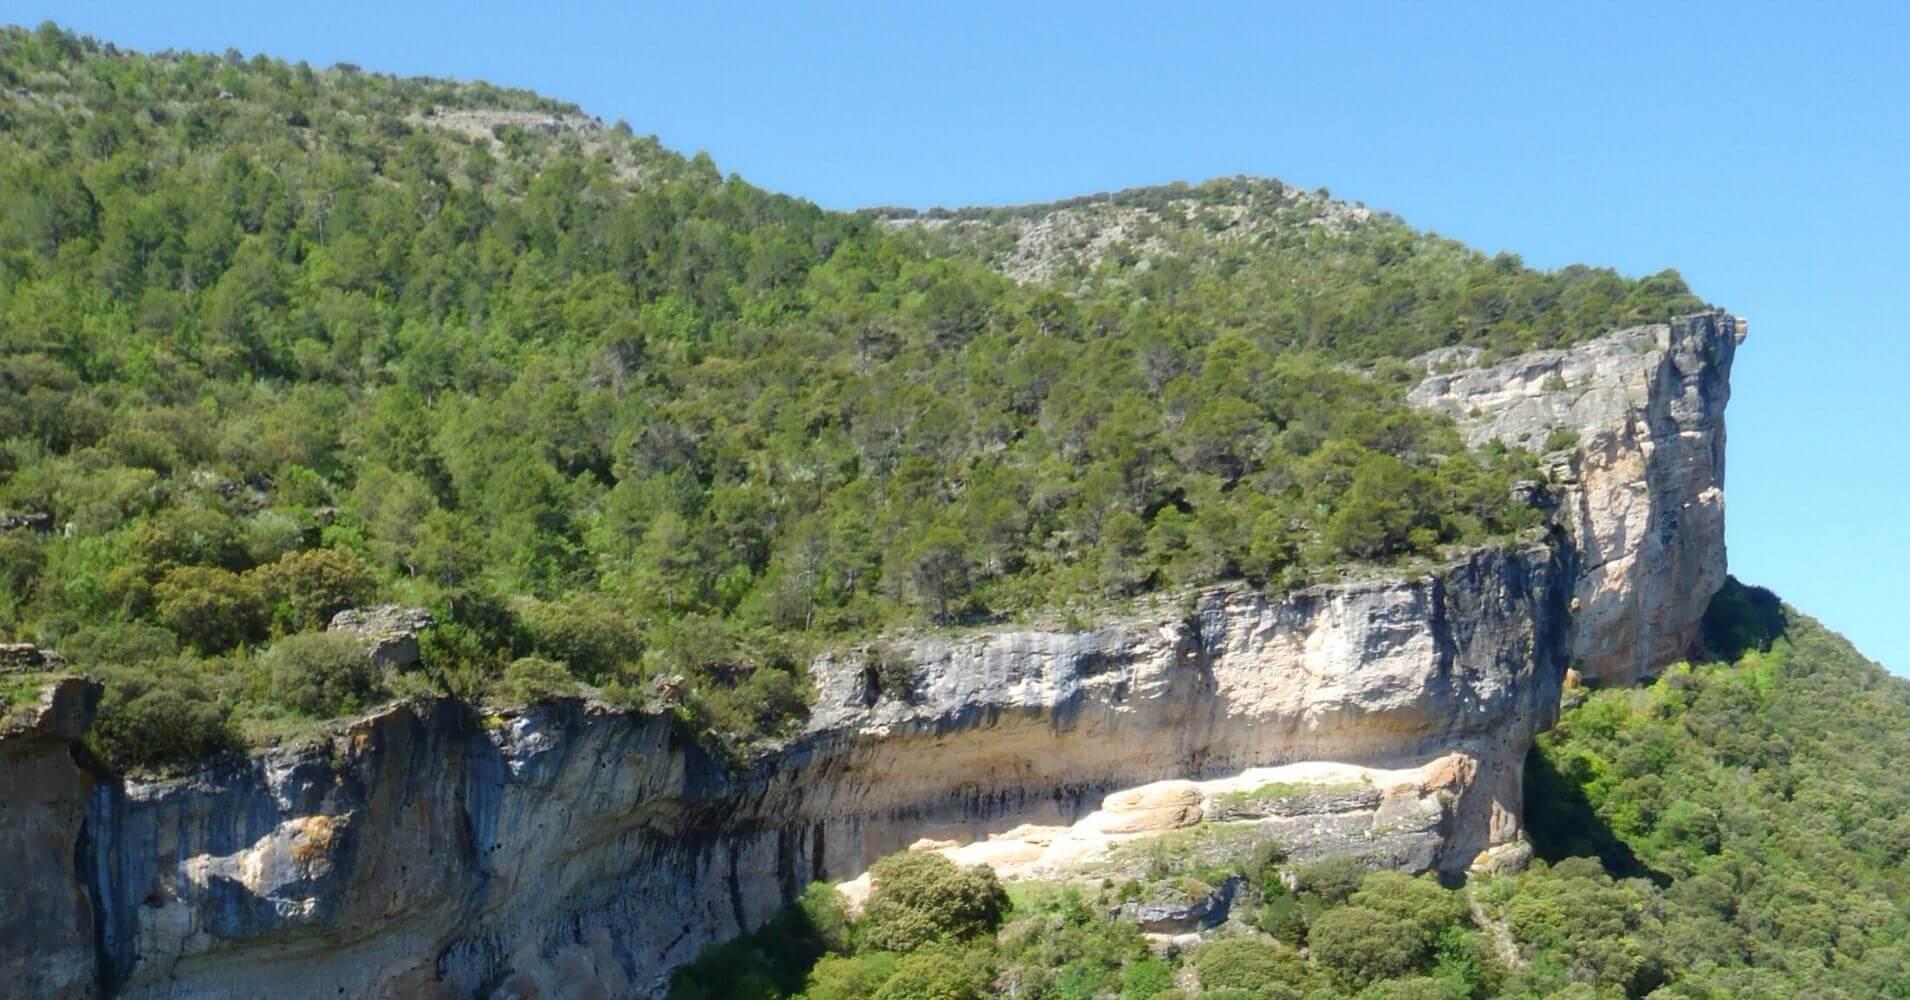 Panorámicas de la Serranía de Cuenca, Castilla la Mancha.